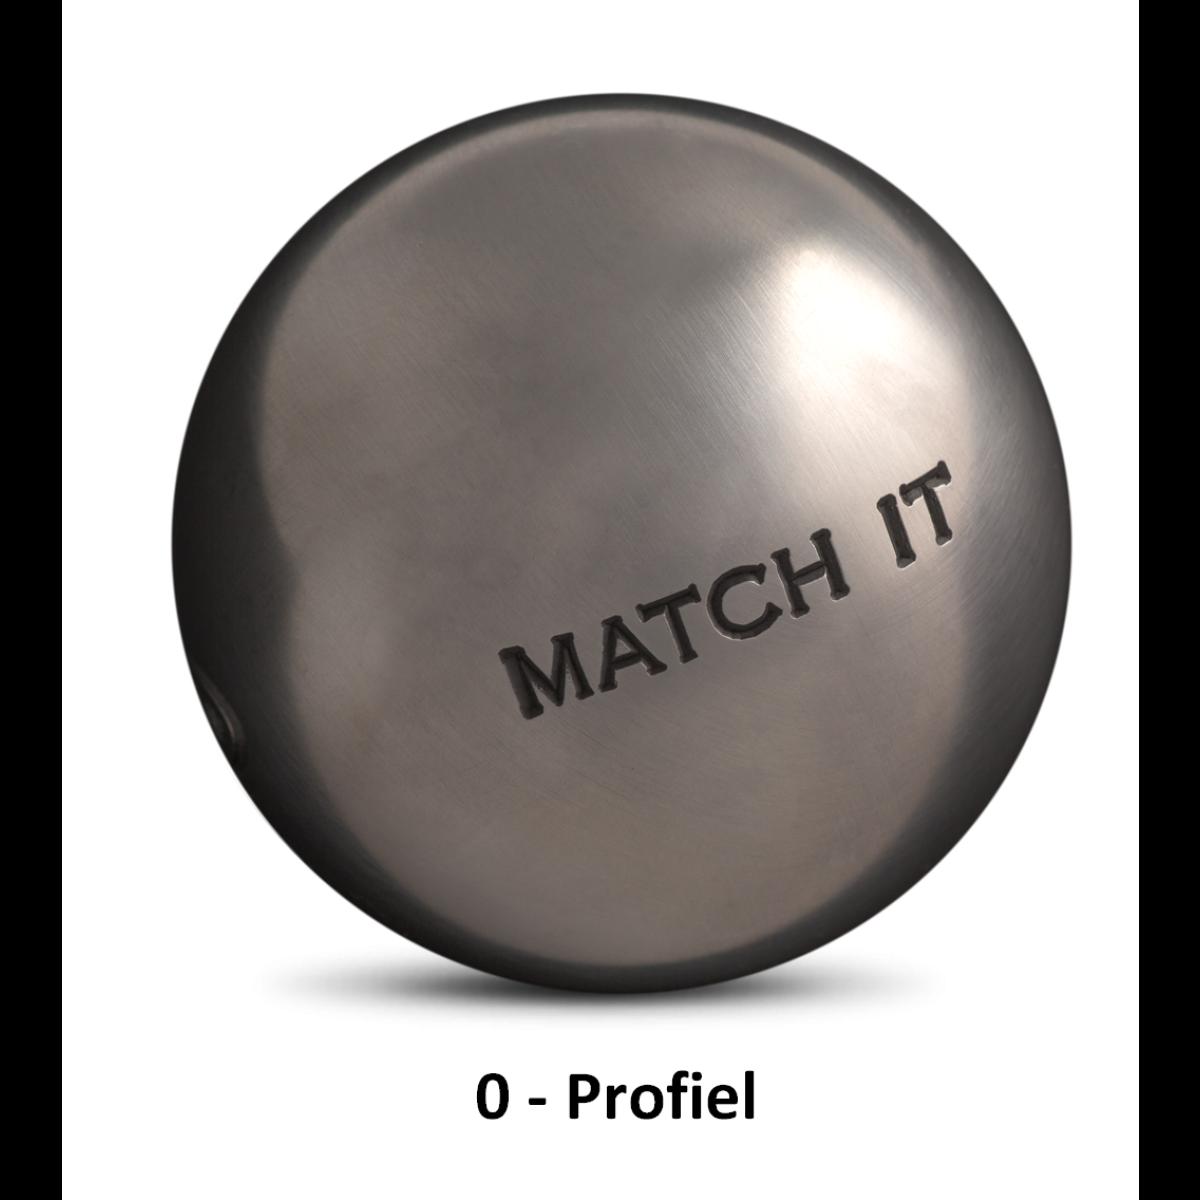 Petanqueballen Obut Match It Kopen Op Amusement Be